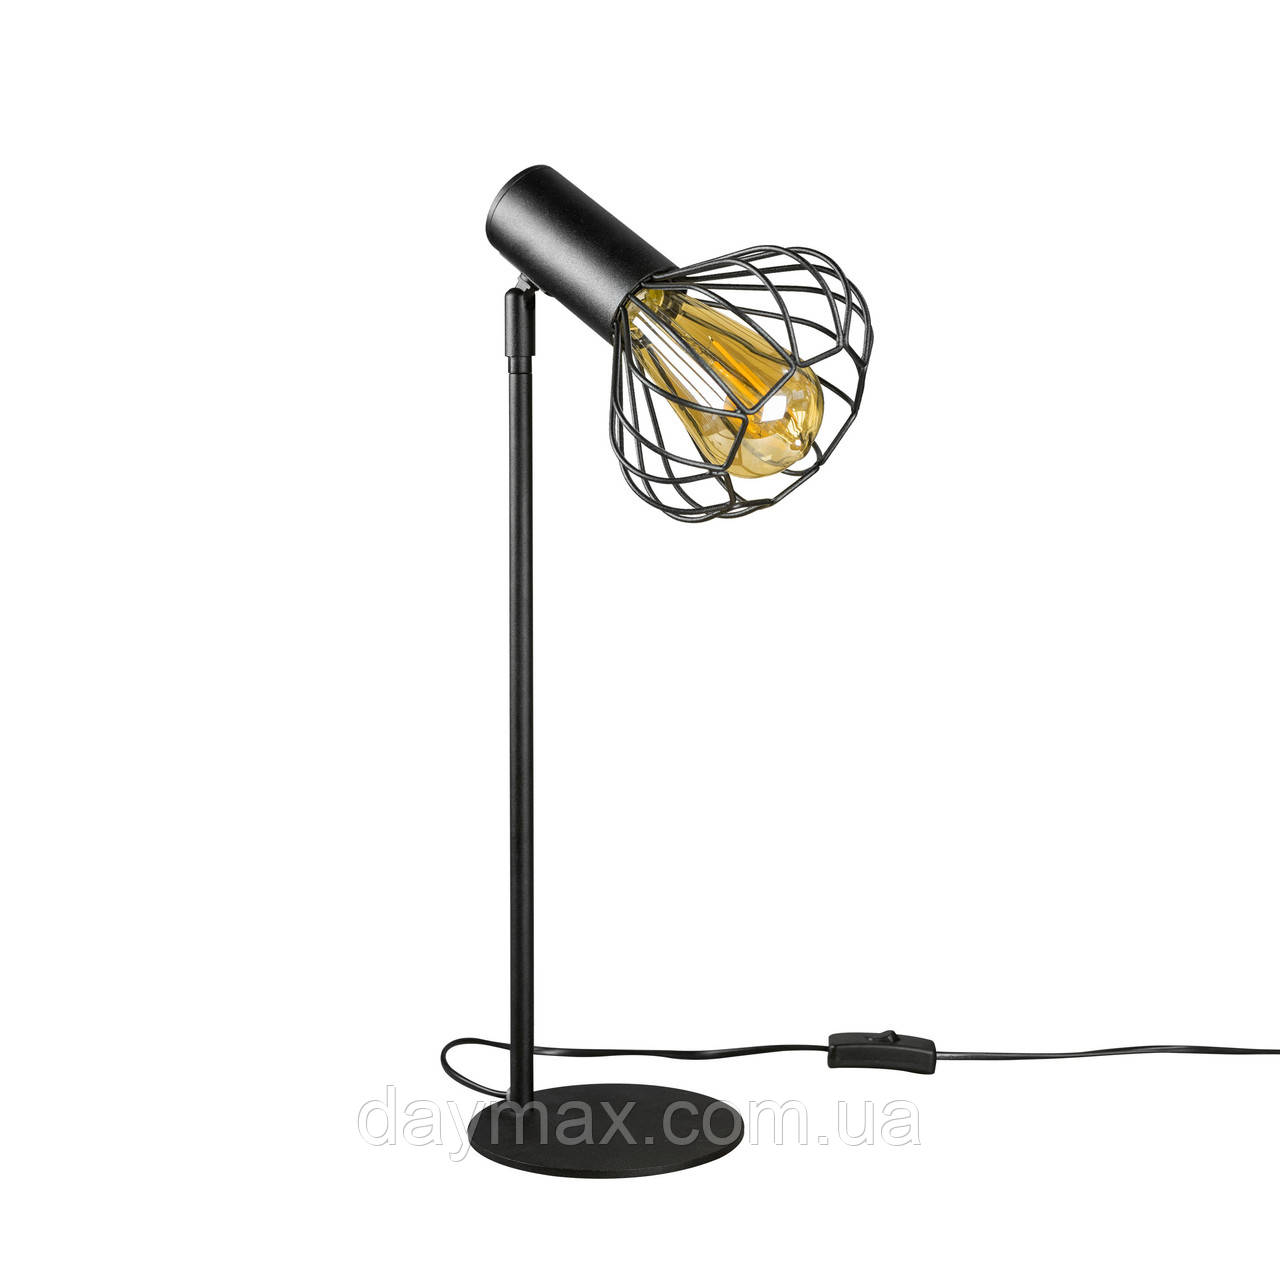 Настольная лампа лофт MSK Electric Lotus NL 14153 BK+BN